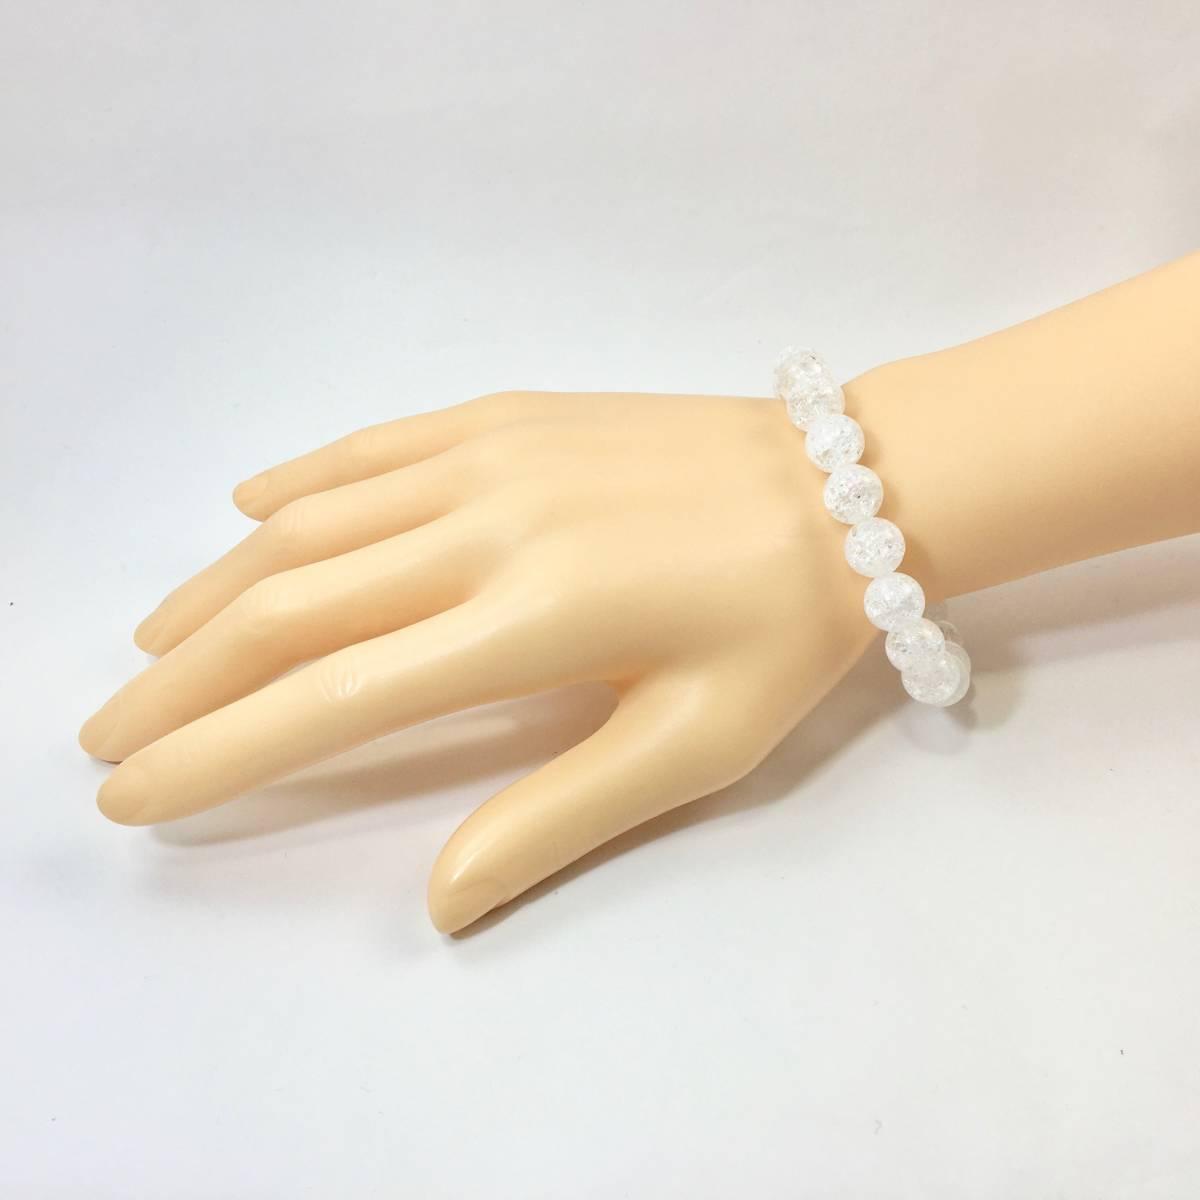 クラック水晶 パワーストーン ブレスレット 10mm 天然石ブレス シンプル 開運 浄化 数珠ブレス メンズ・レディース  男性_画像5